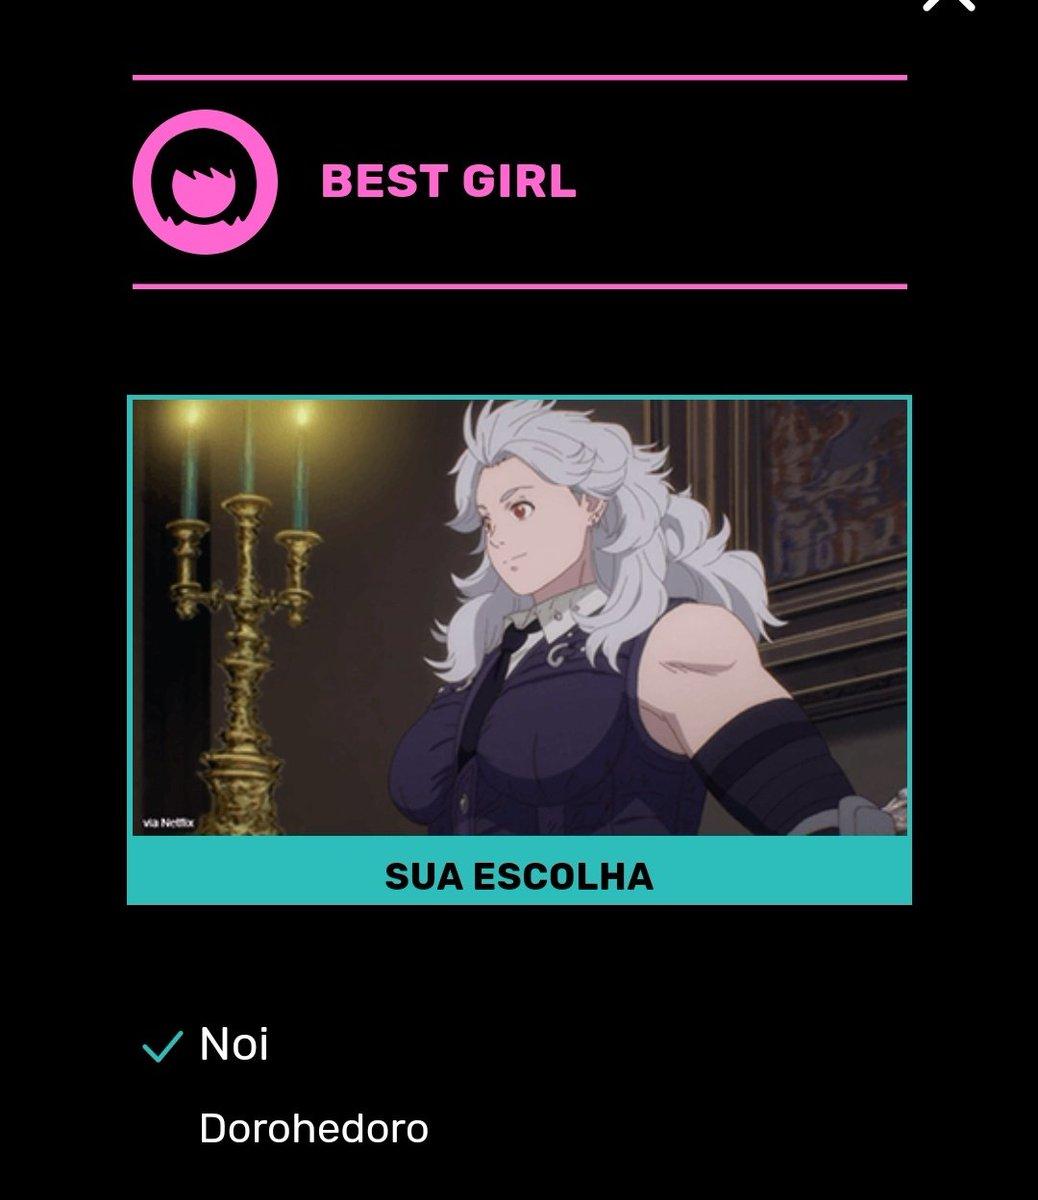 MINHA PRINCESA TEM QUE GANHAR COMO BEST GIRL SIM #AnimeAwards